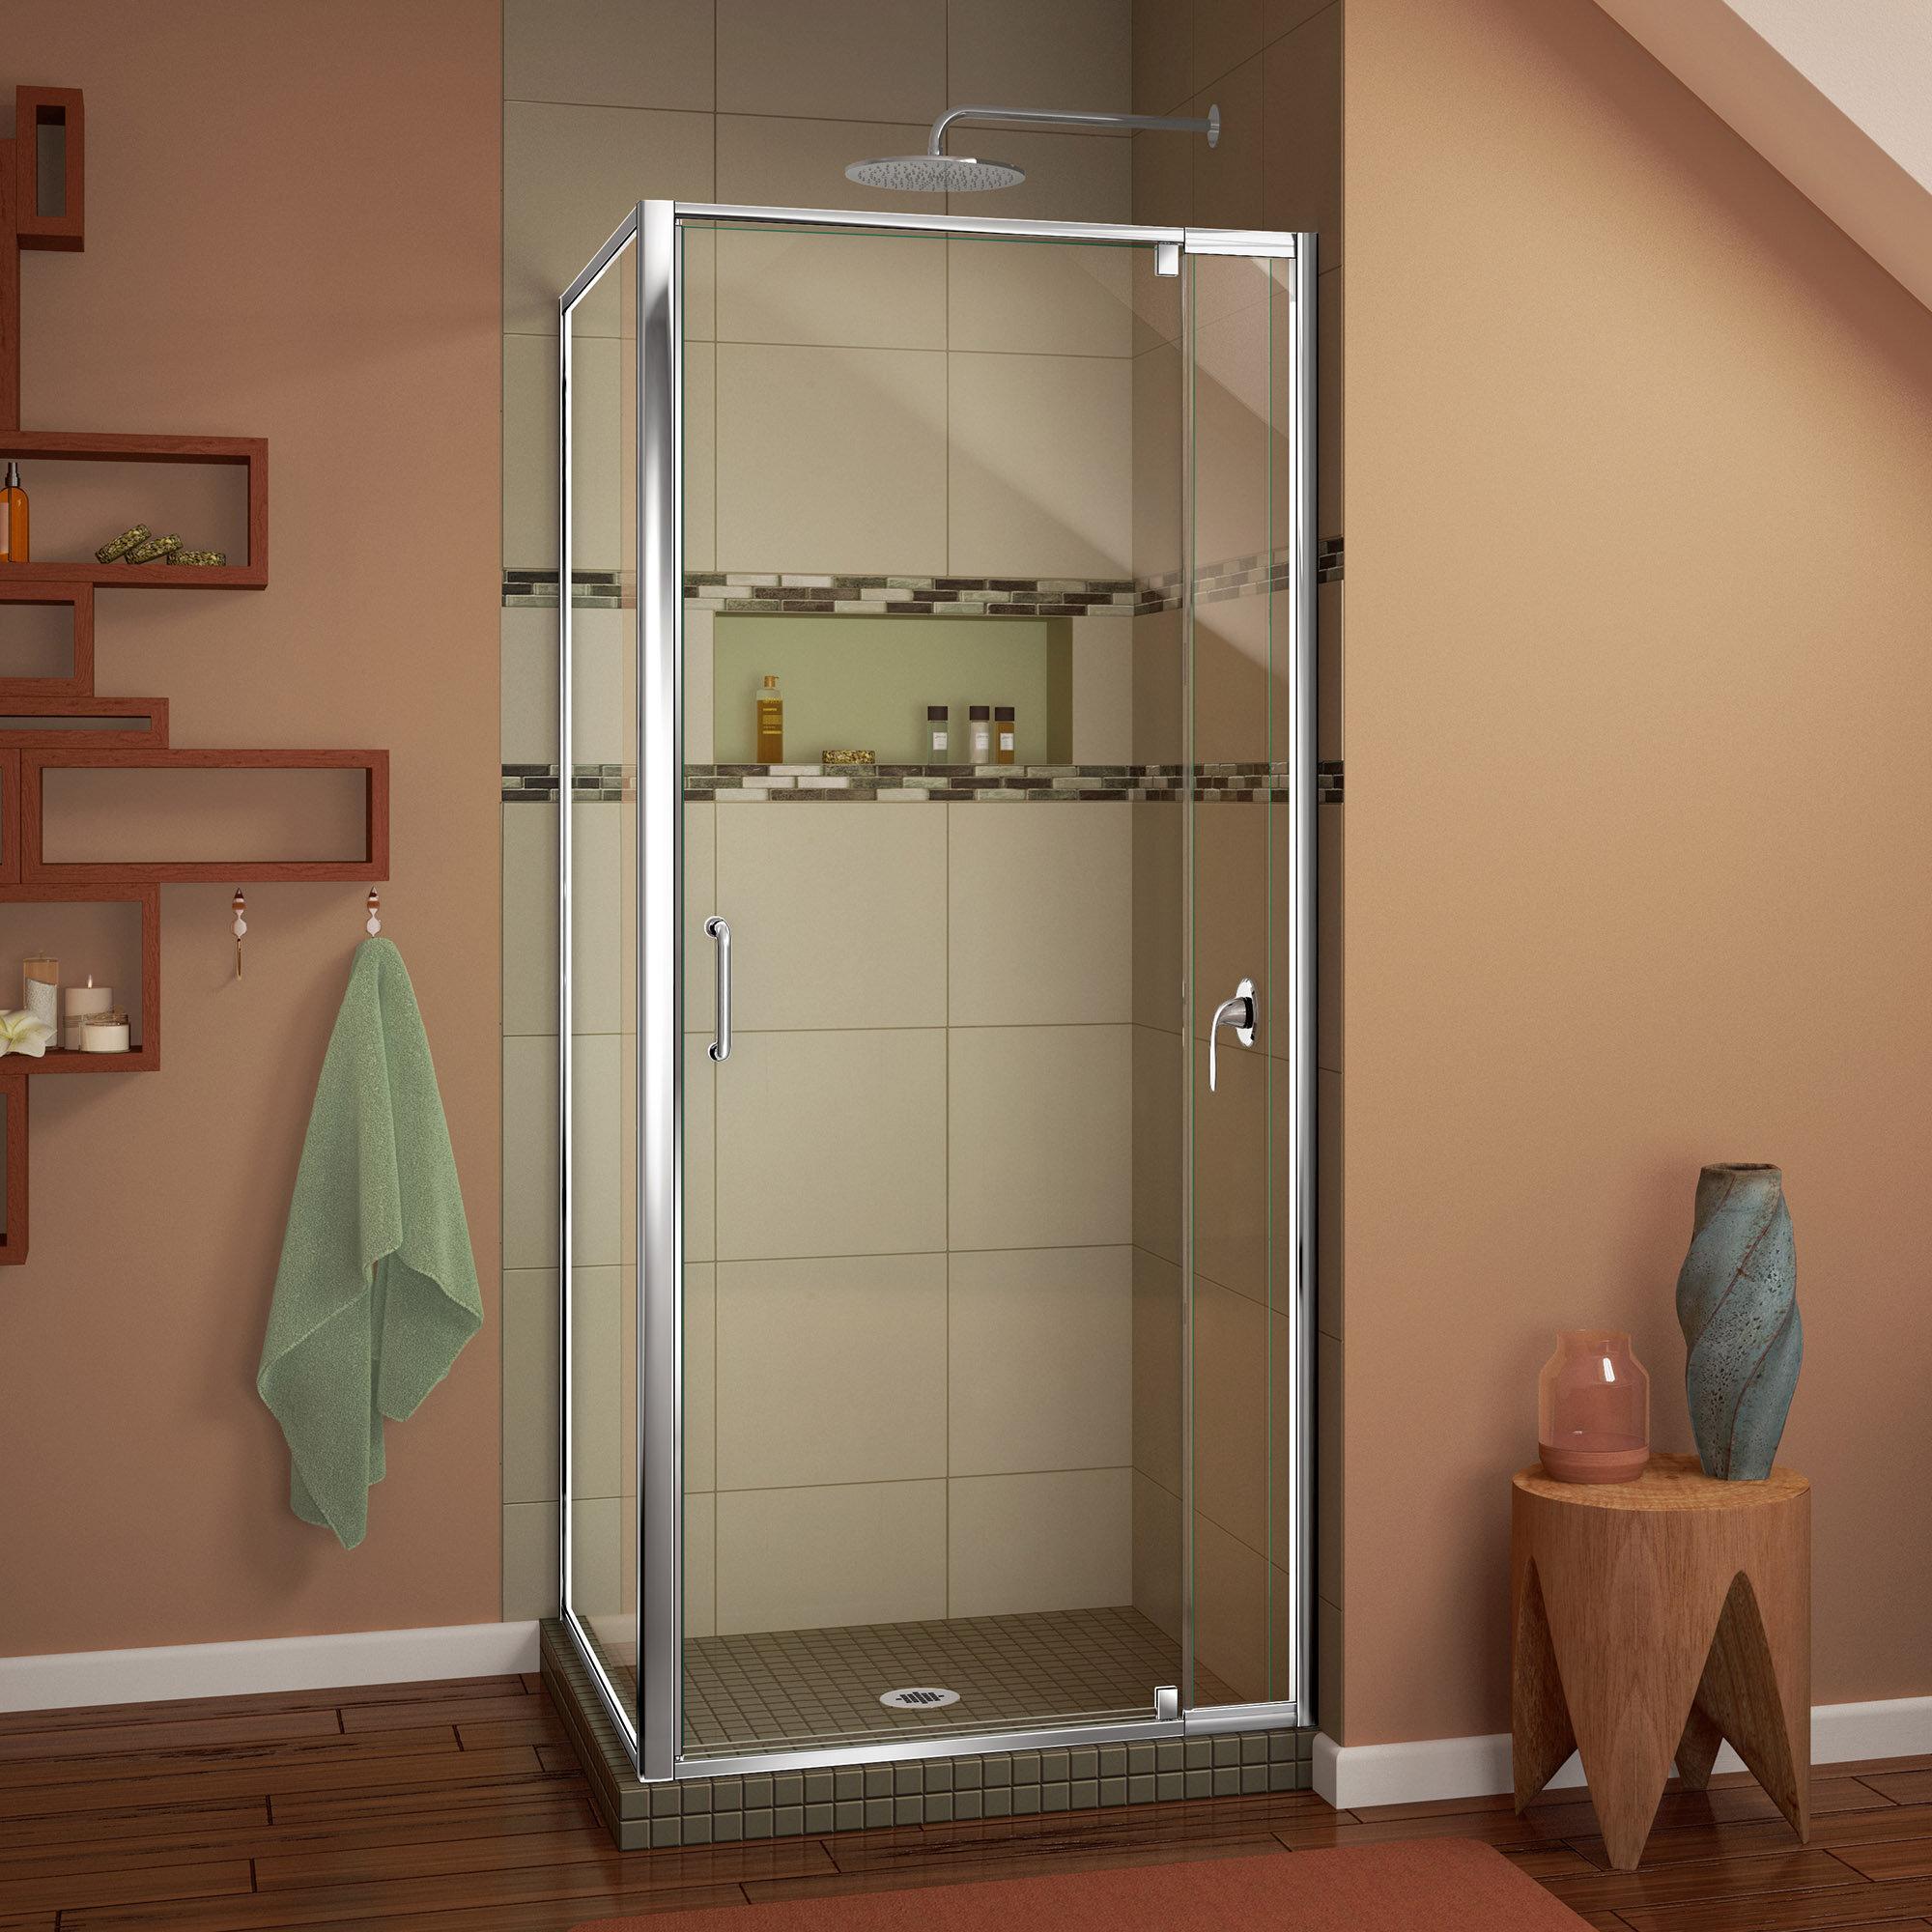 Dreamline Flex 32 44 X 72 Rectangle Pivot Shower Enclosure Wayfair